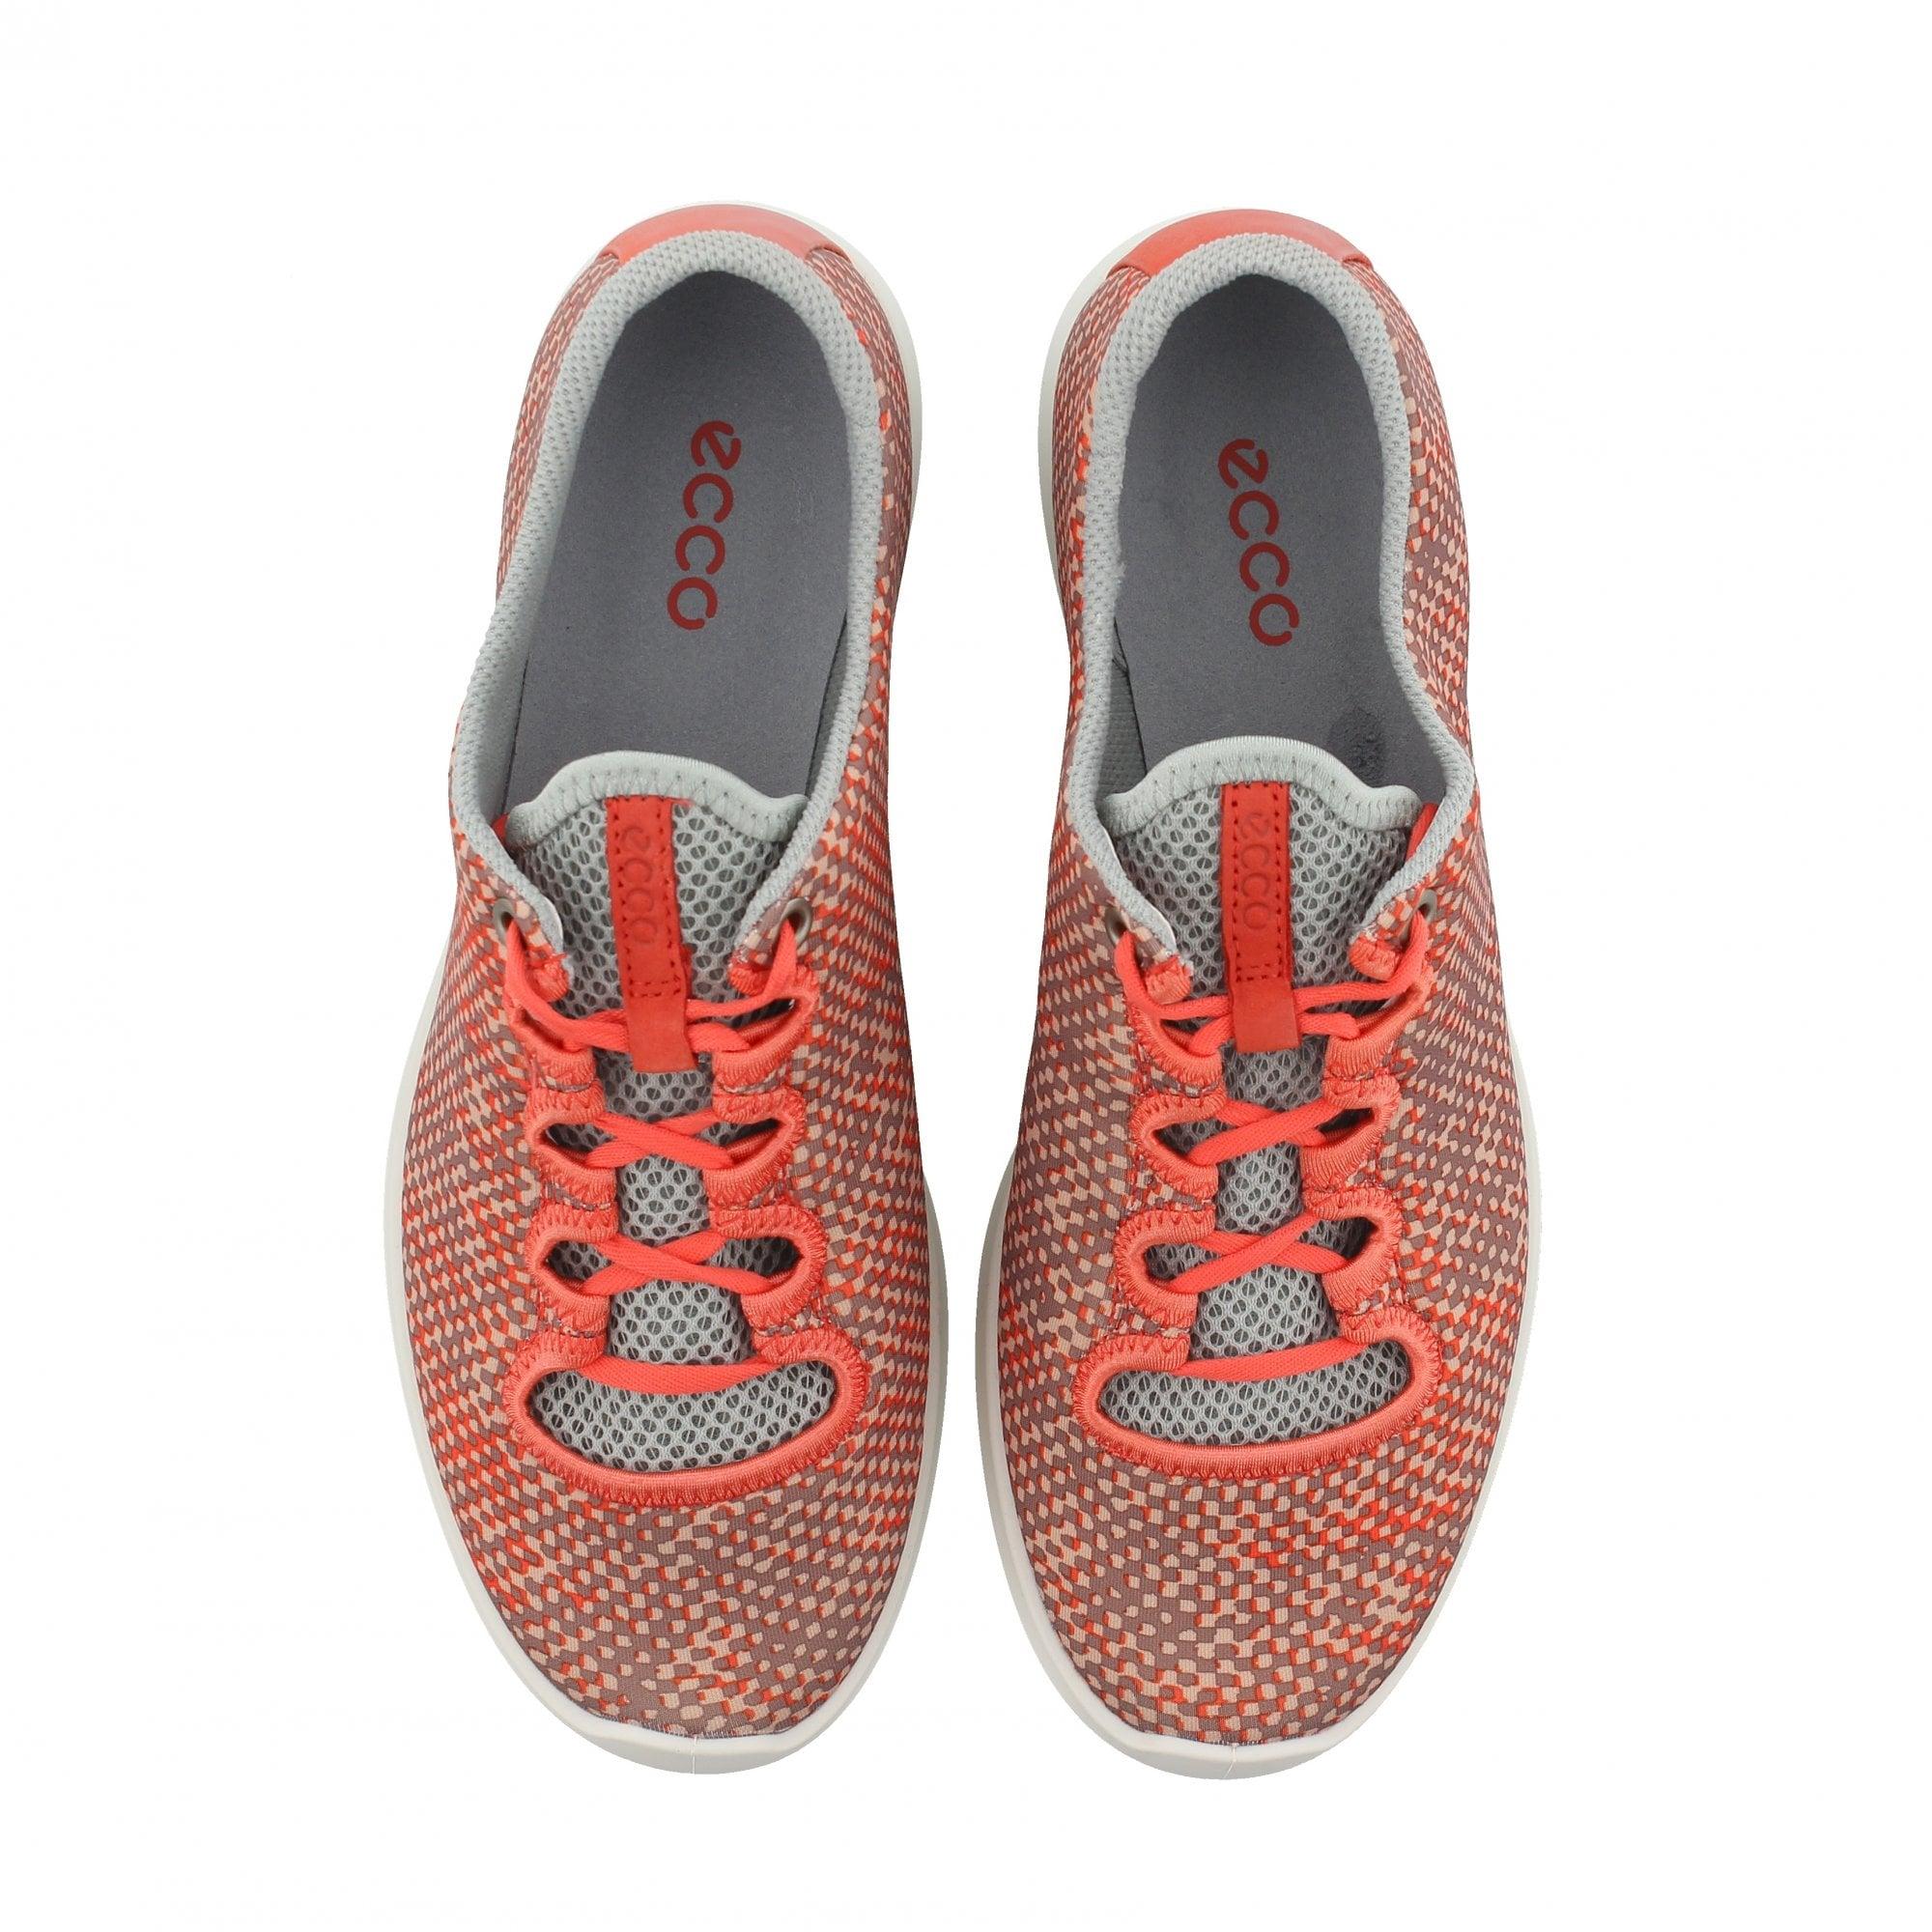 Schuhe ECCO Damen Sense Sneakers 284043